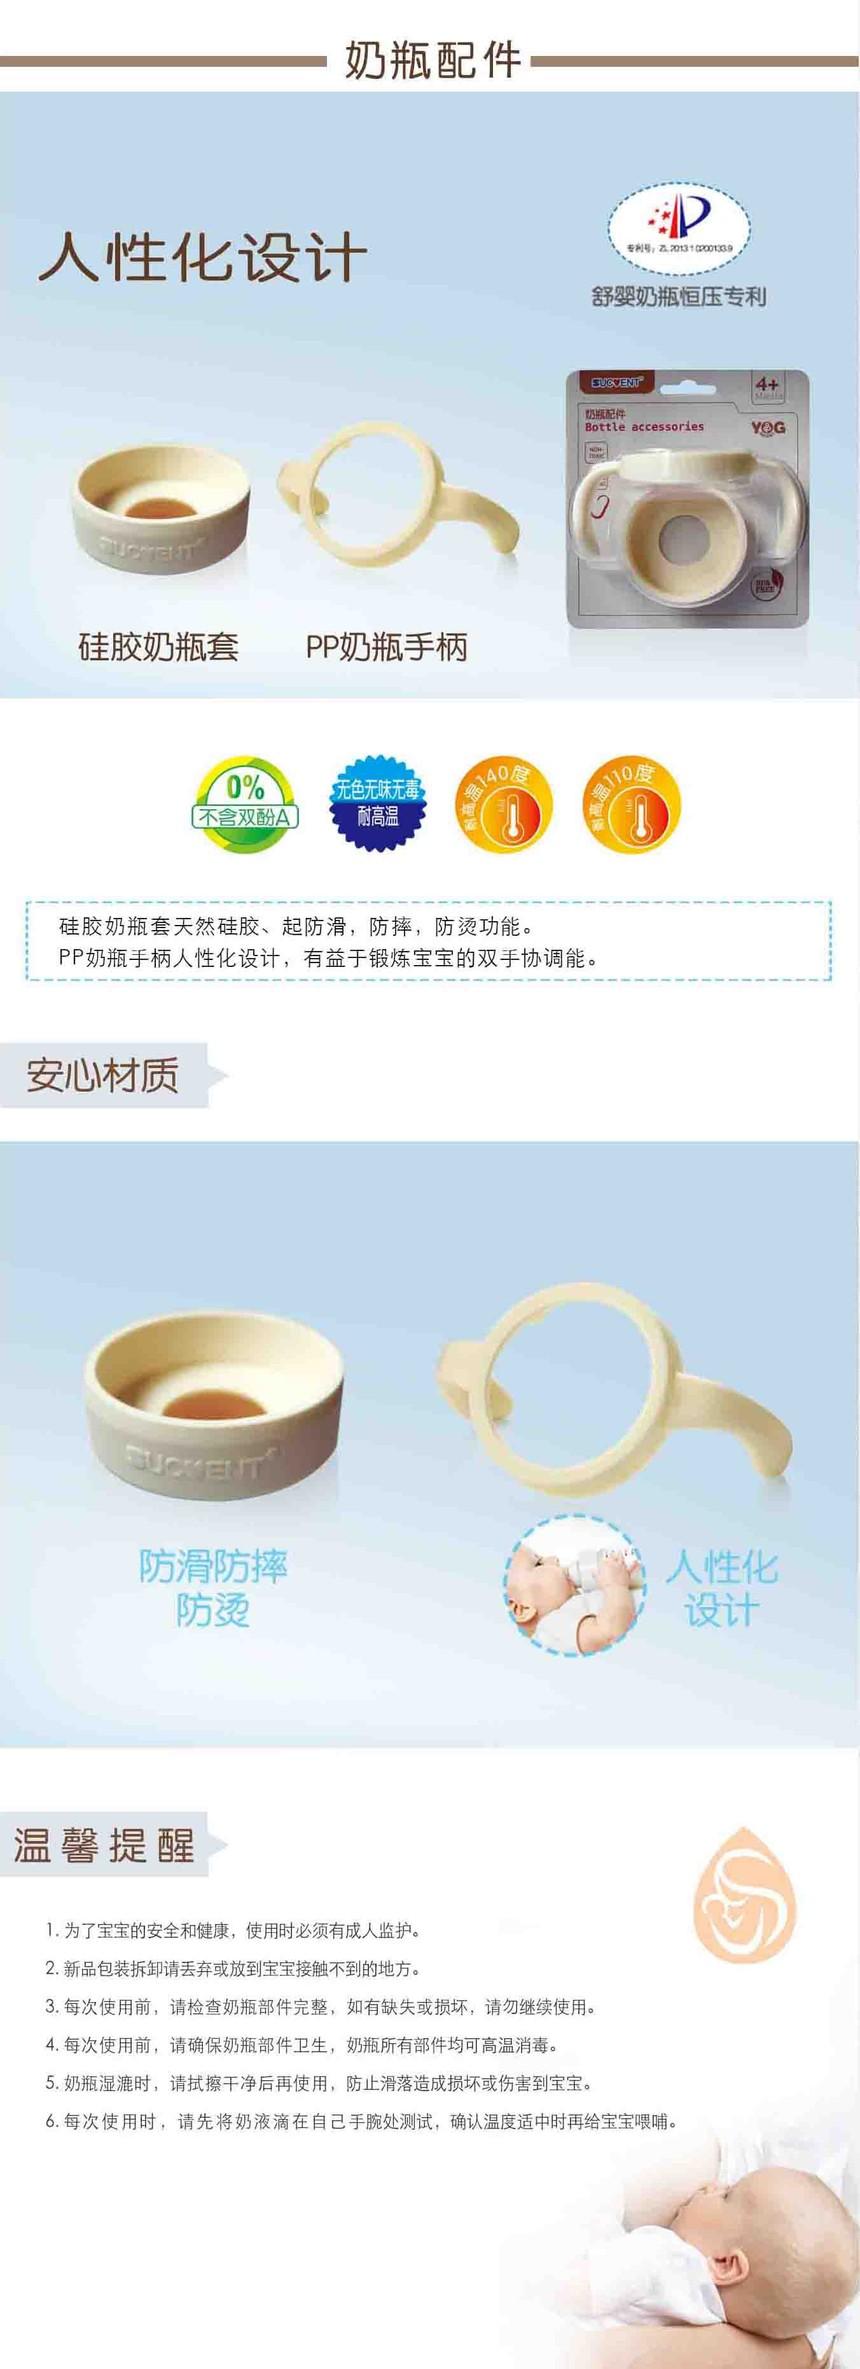 婴儿用品-奶瓶配件.jpg